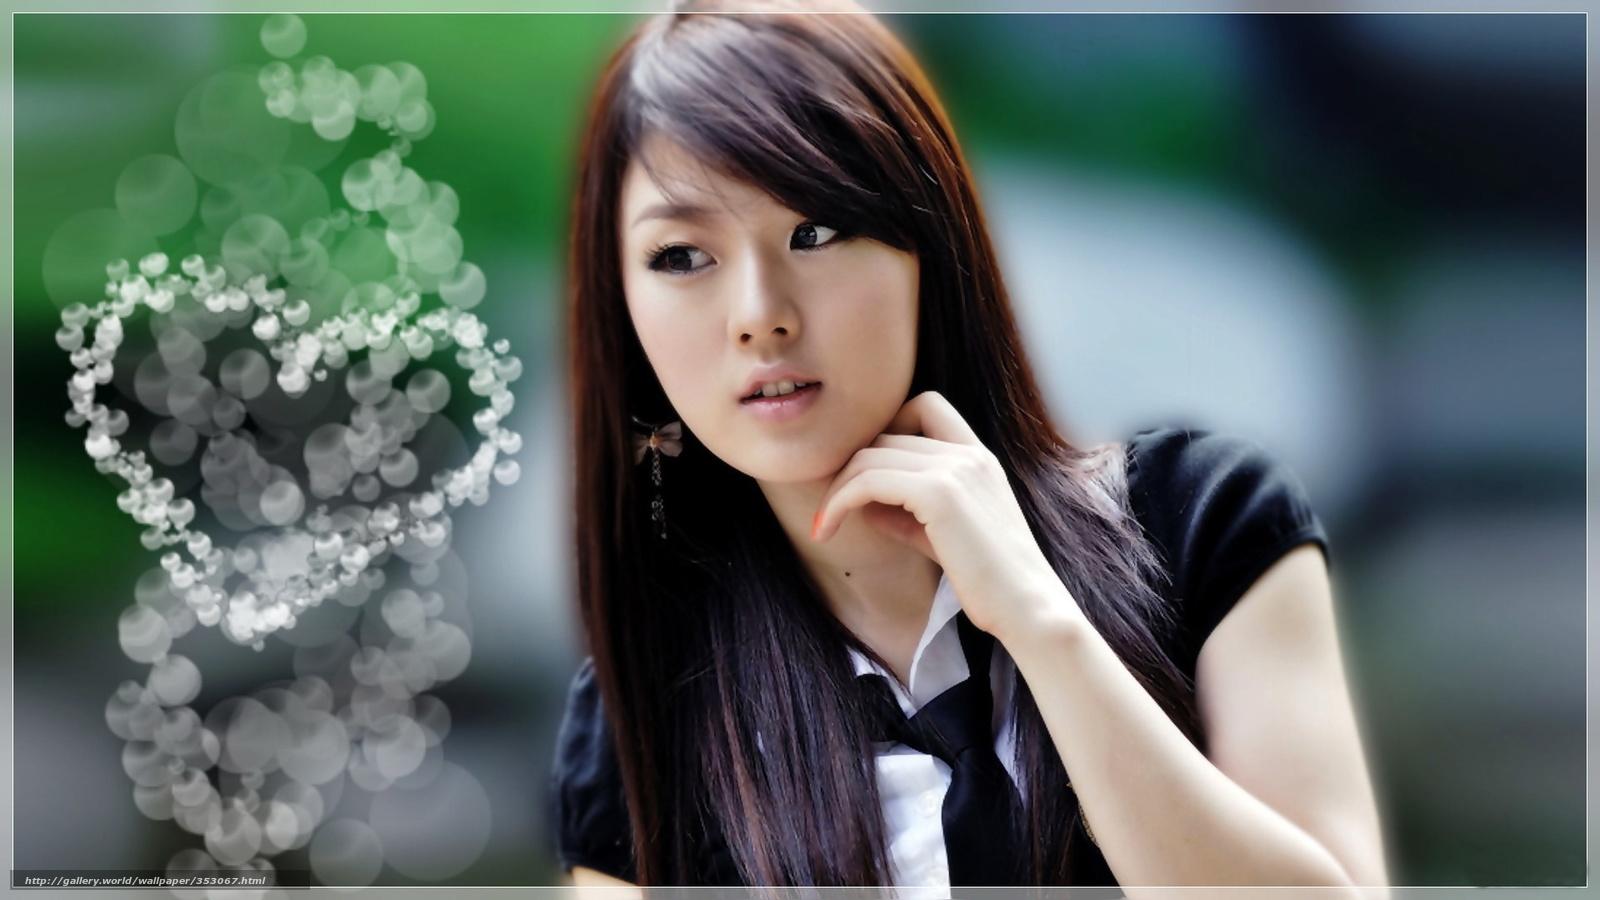 Симпат кореянки фото 8 фотография